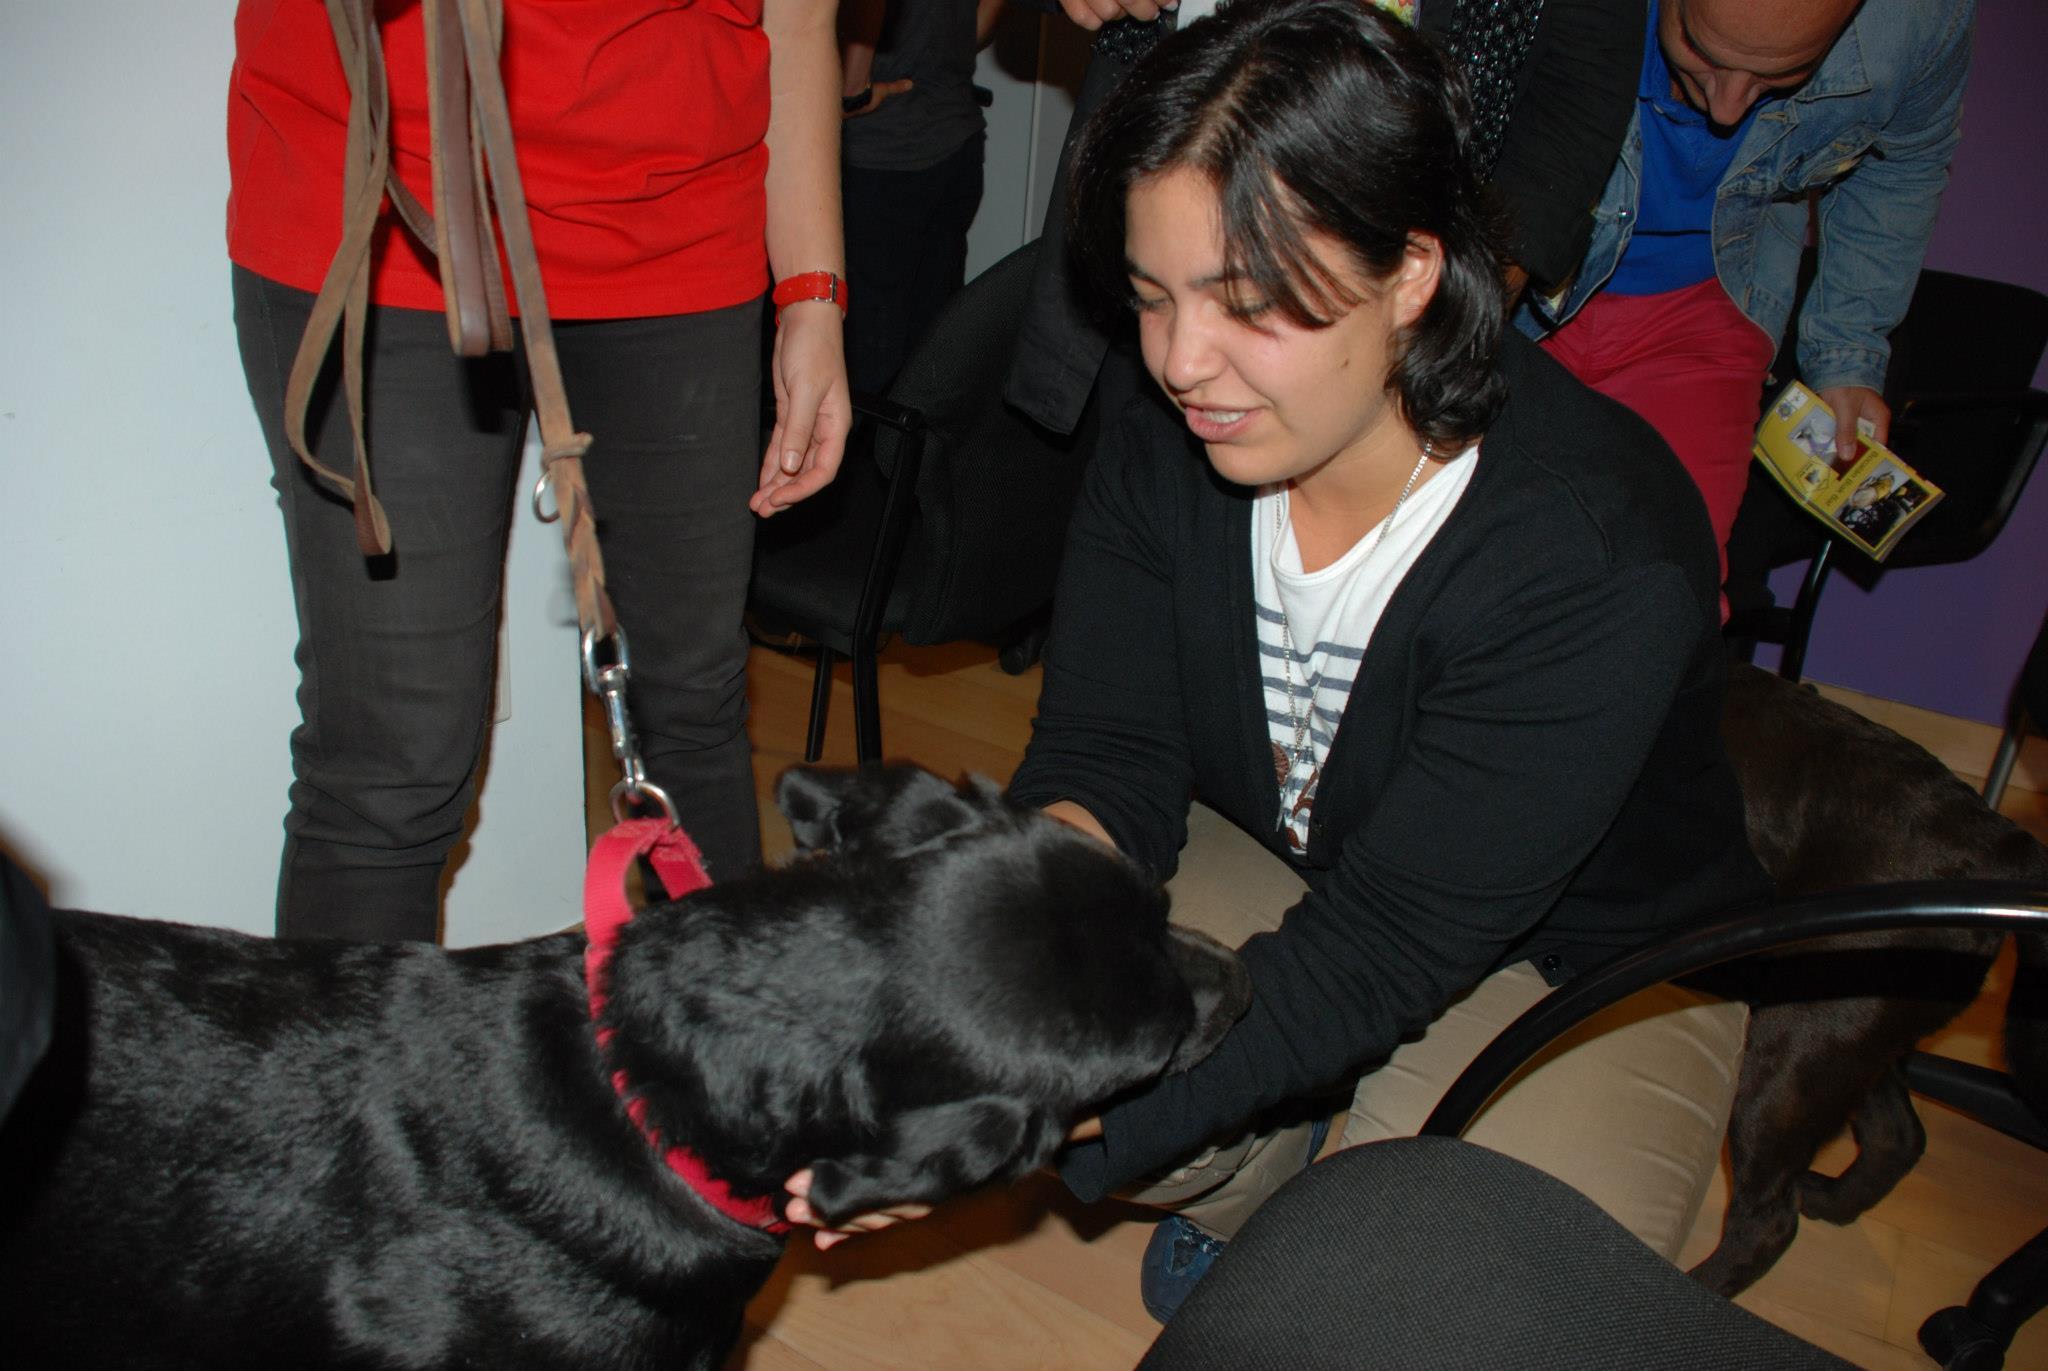 Beneficios del contacto con animales. Cada vez más estudios científicos